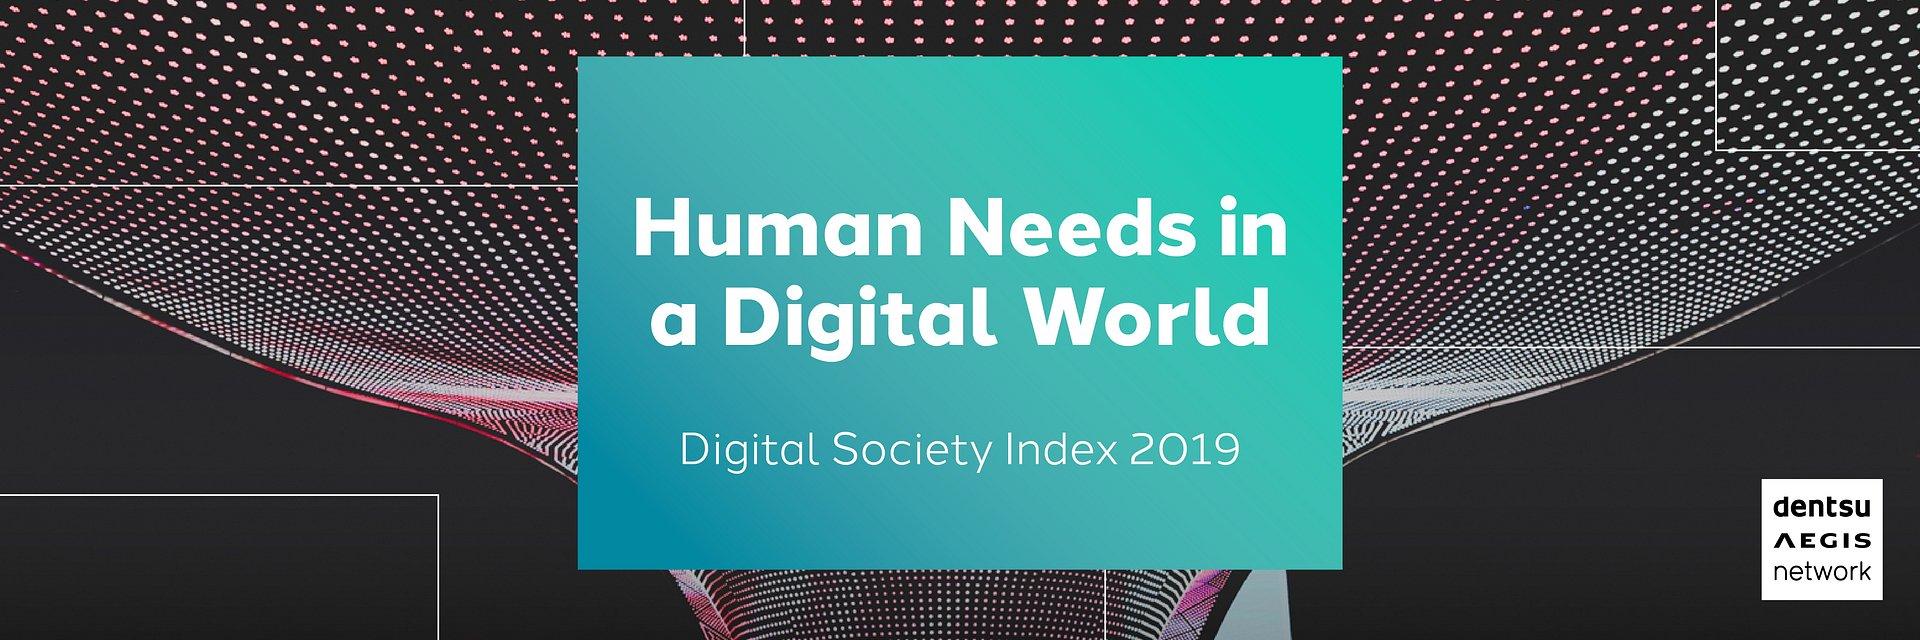 Digital Society Index 2019 - człowiek na pierwszym miejscu